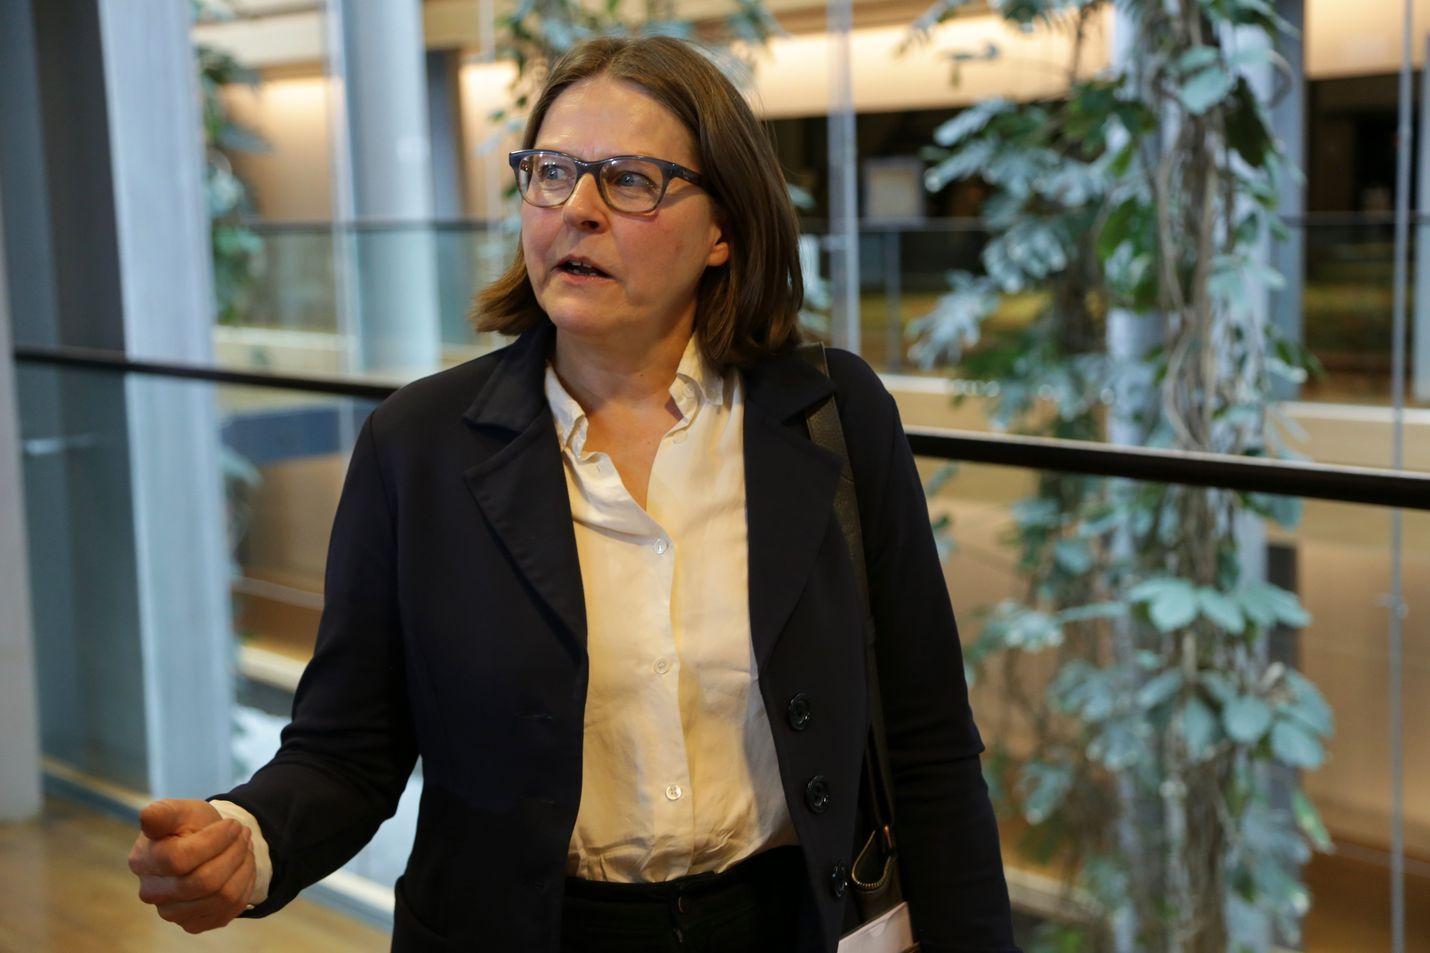 Heidi Hautala on 751 mepin joukossa 11. vaikutusvaltaisin Euroopan parlamentin toimintaa seuraavan VoteWatchin luokituksessa.